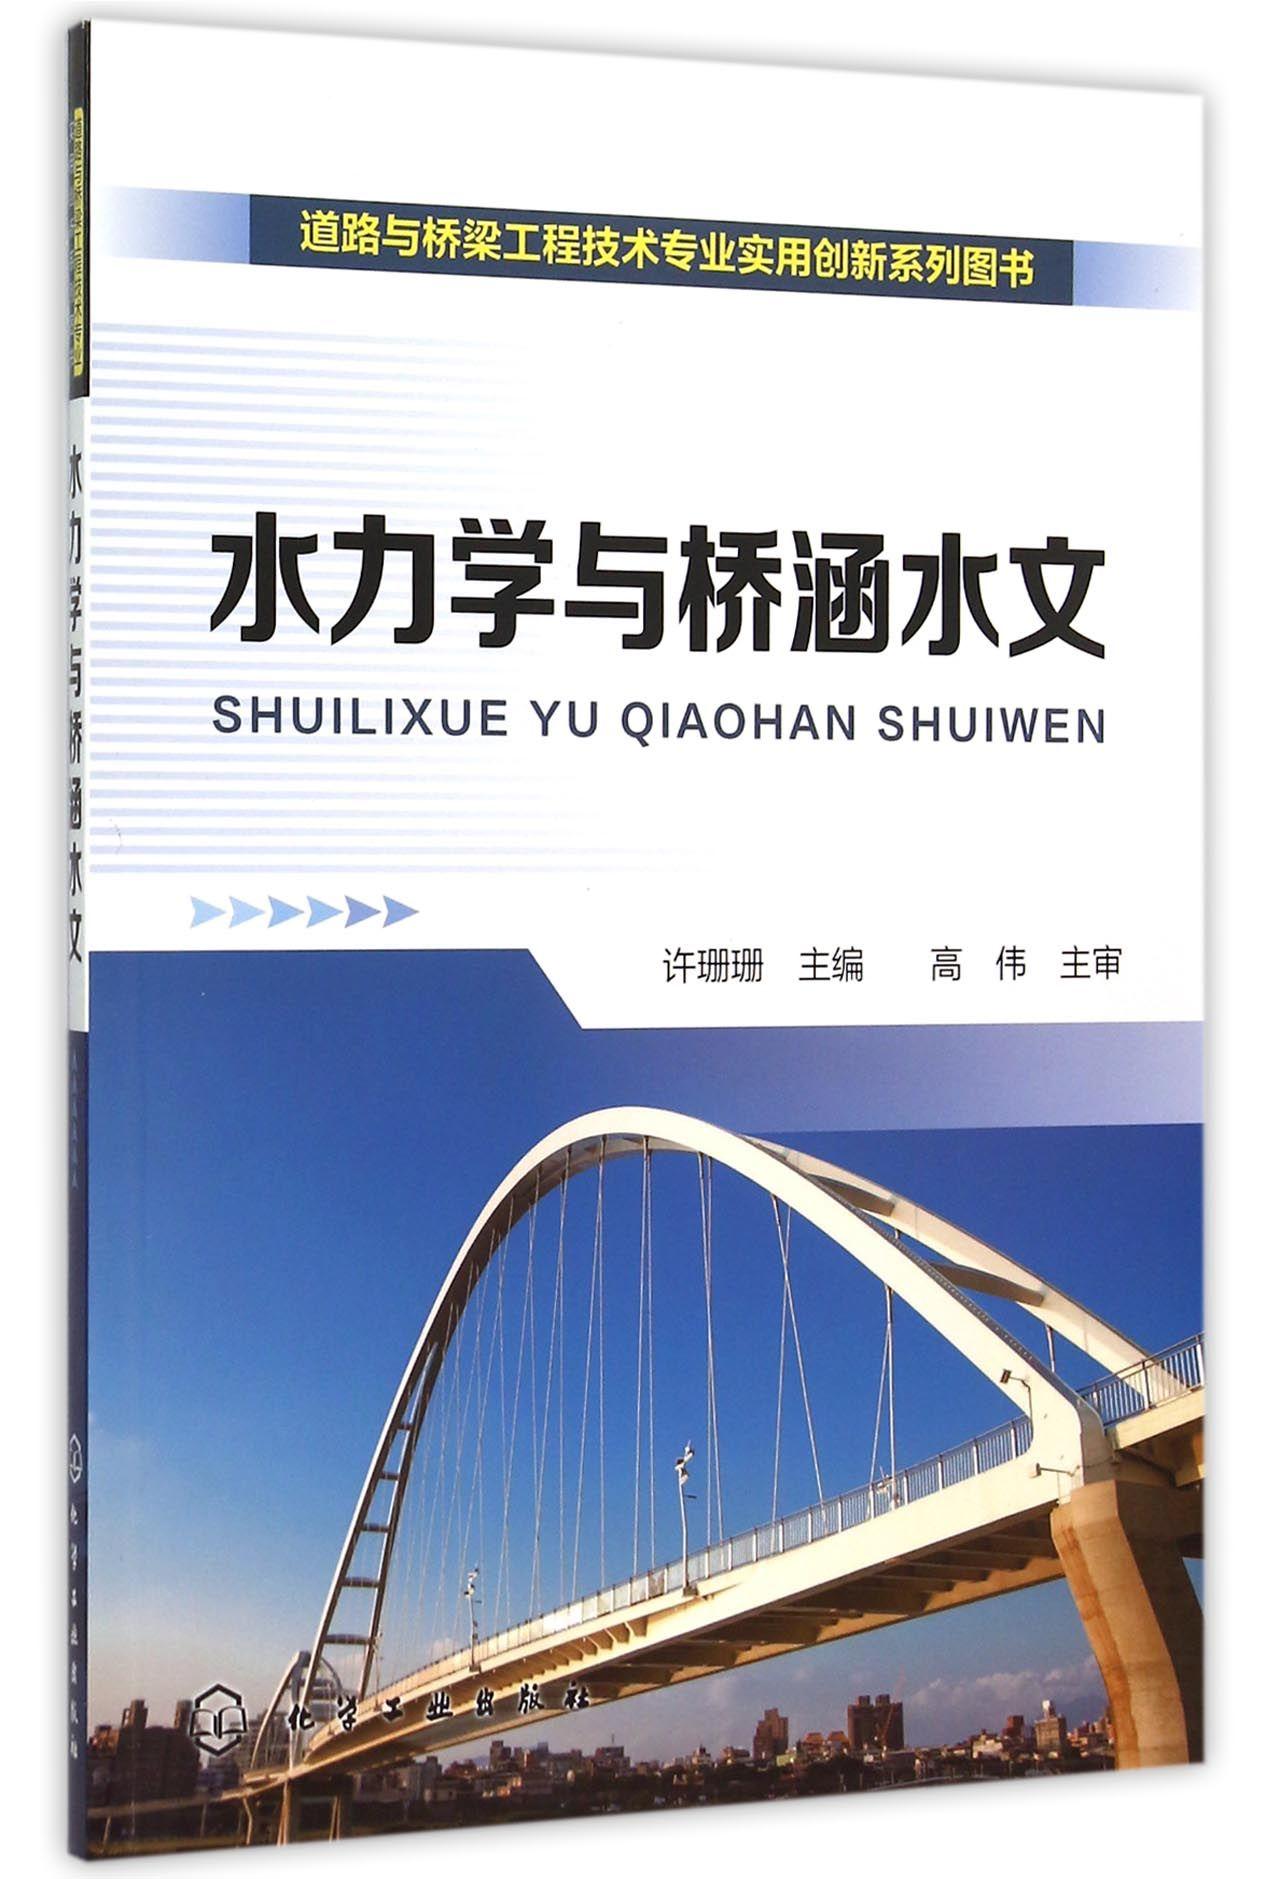 水力學與橋涵水文(道路與橋梁工程技術專業實用創新繫列圖書)